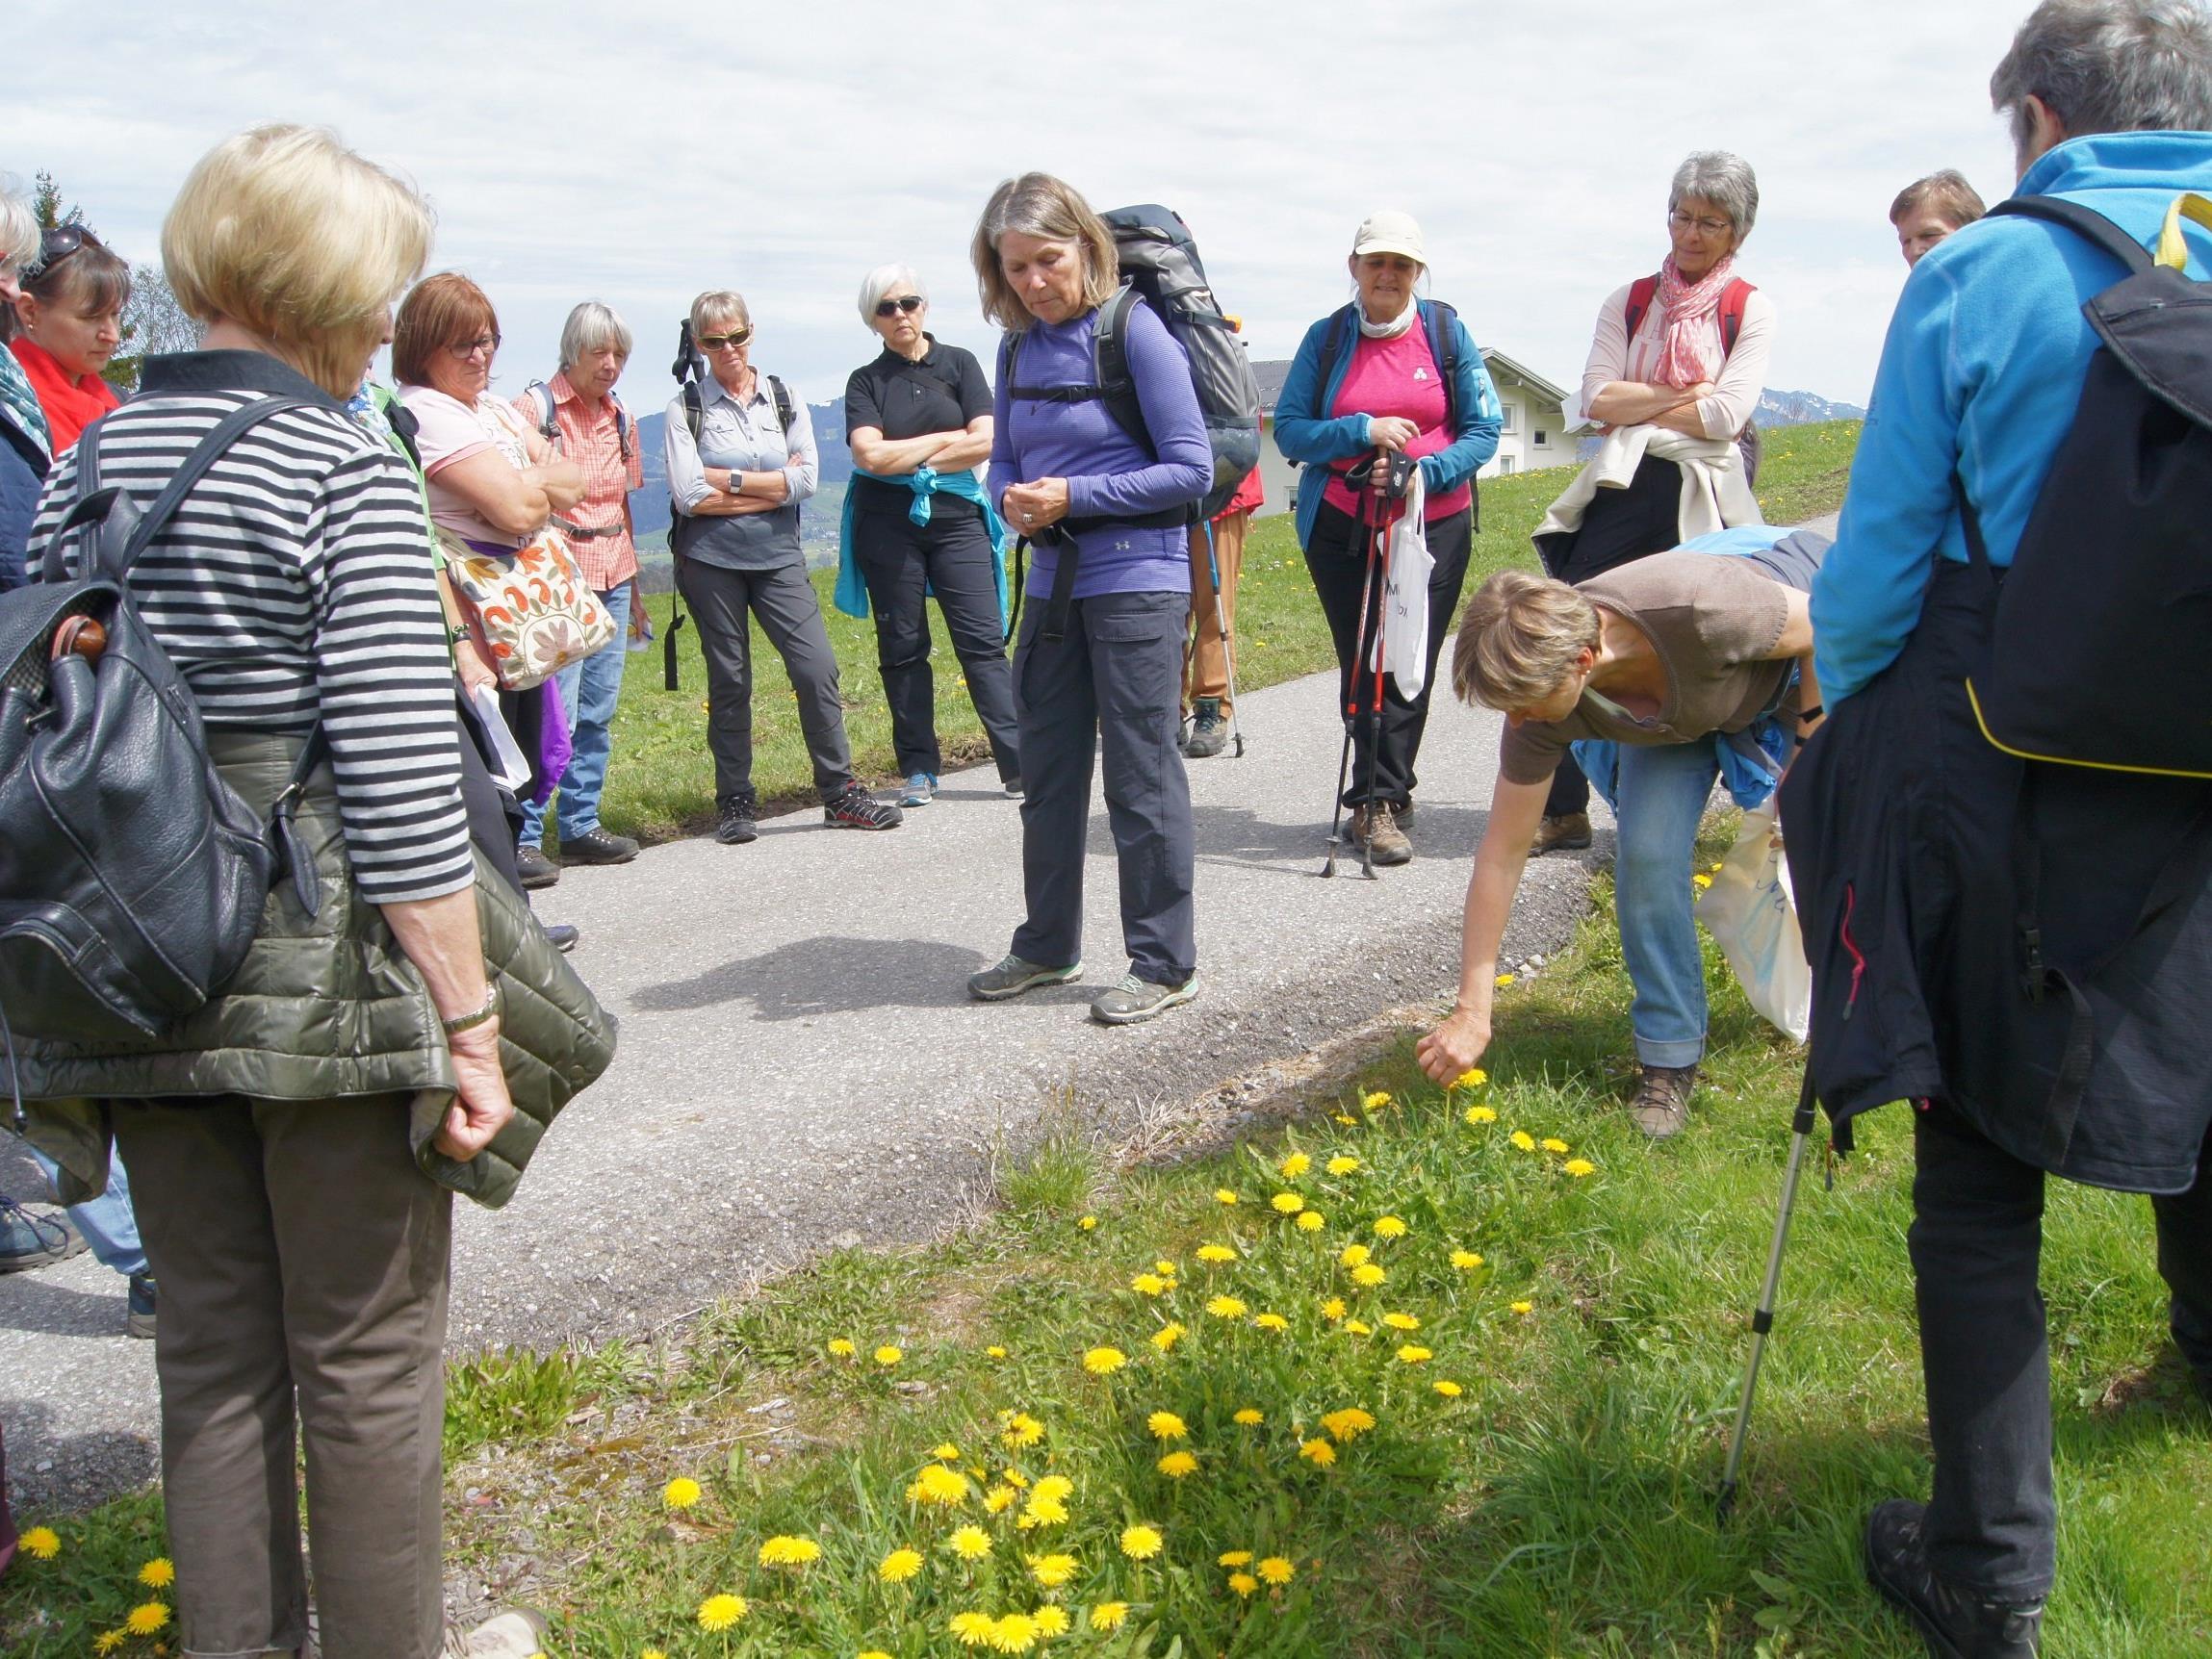 Bei der Frühjahrs-Kräuterwanderung gab Margit Keller vom Kneipp Aktiv Club Dornbirn wertvolle Anregungen.